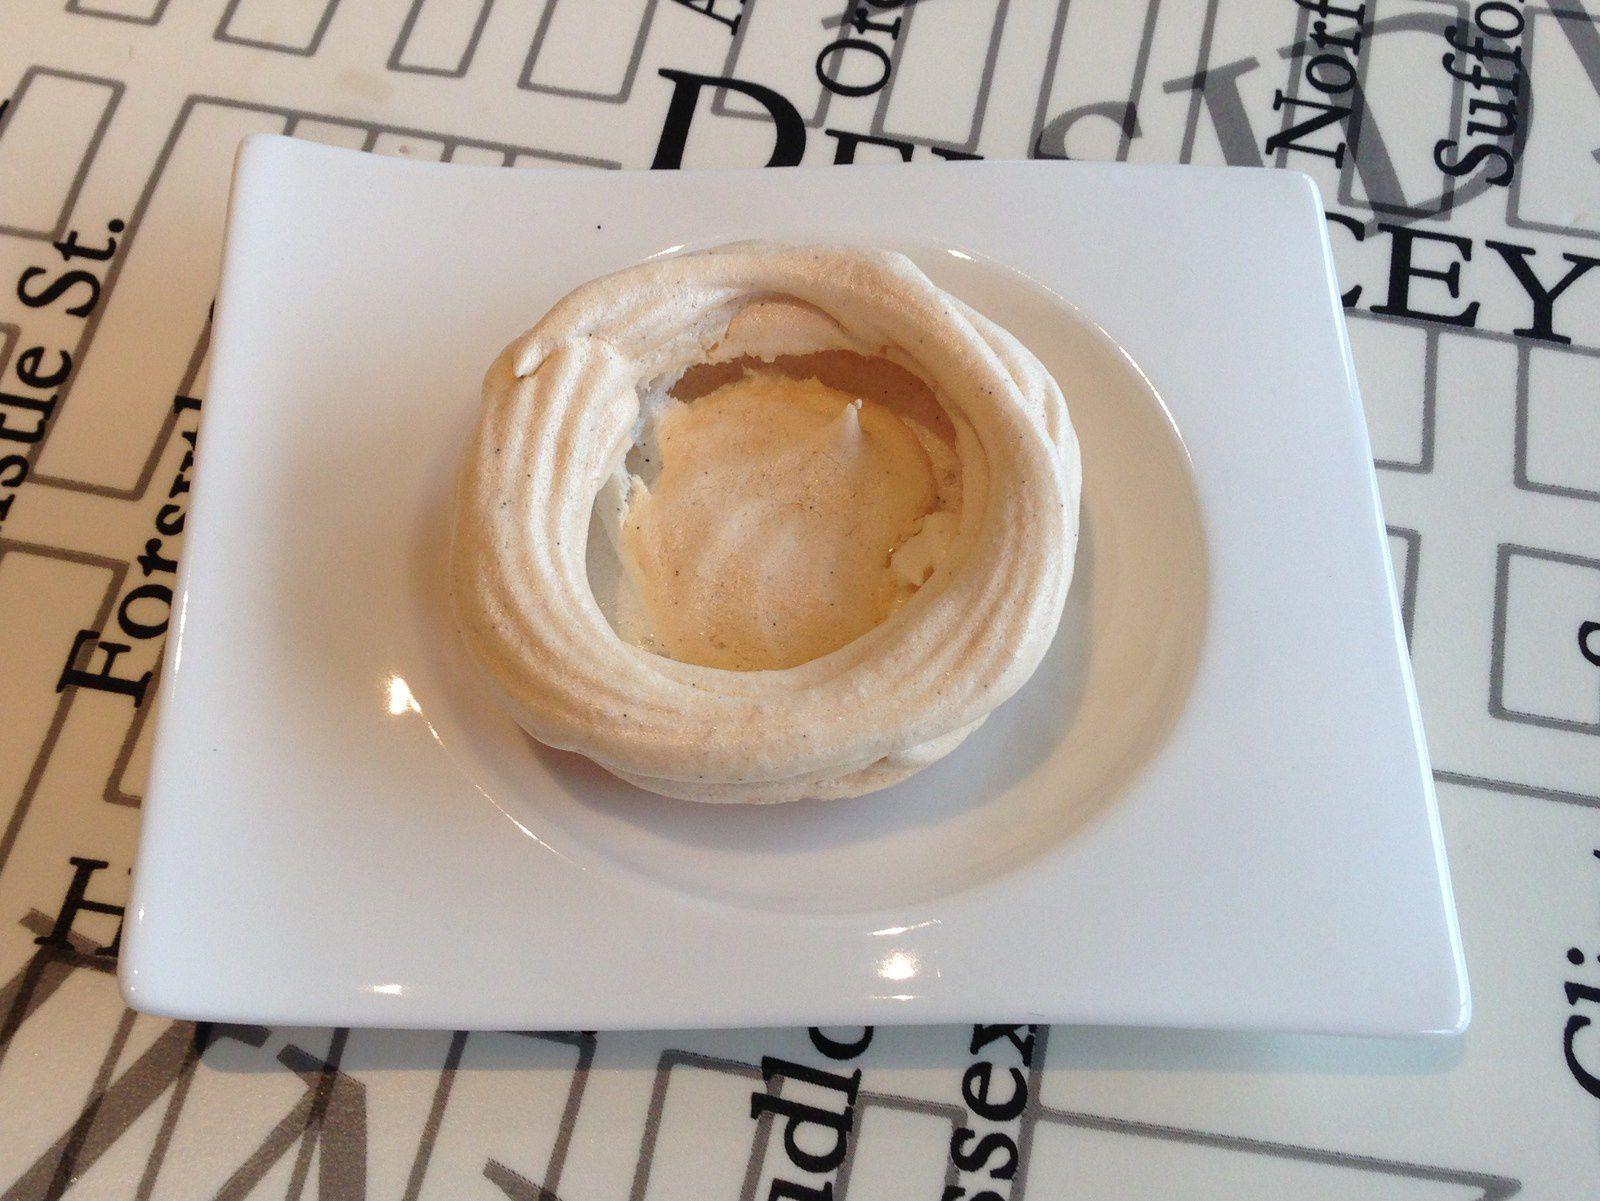 Recette pavlova meringue l g re aux fruits rouges ou exotiques et cr me anglaise cusine sans - Cuisine legere thermomix ...